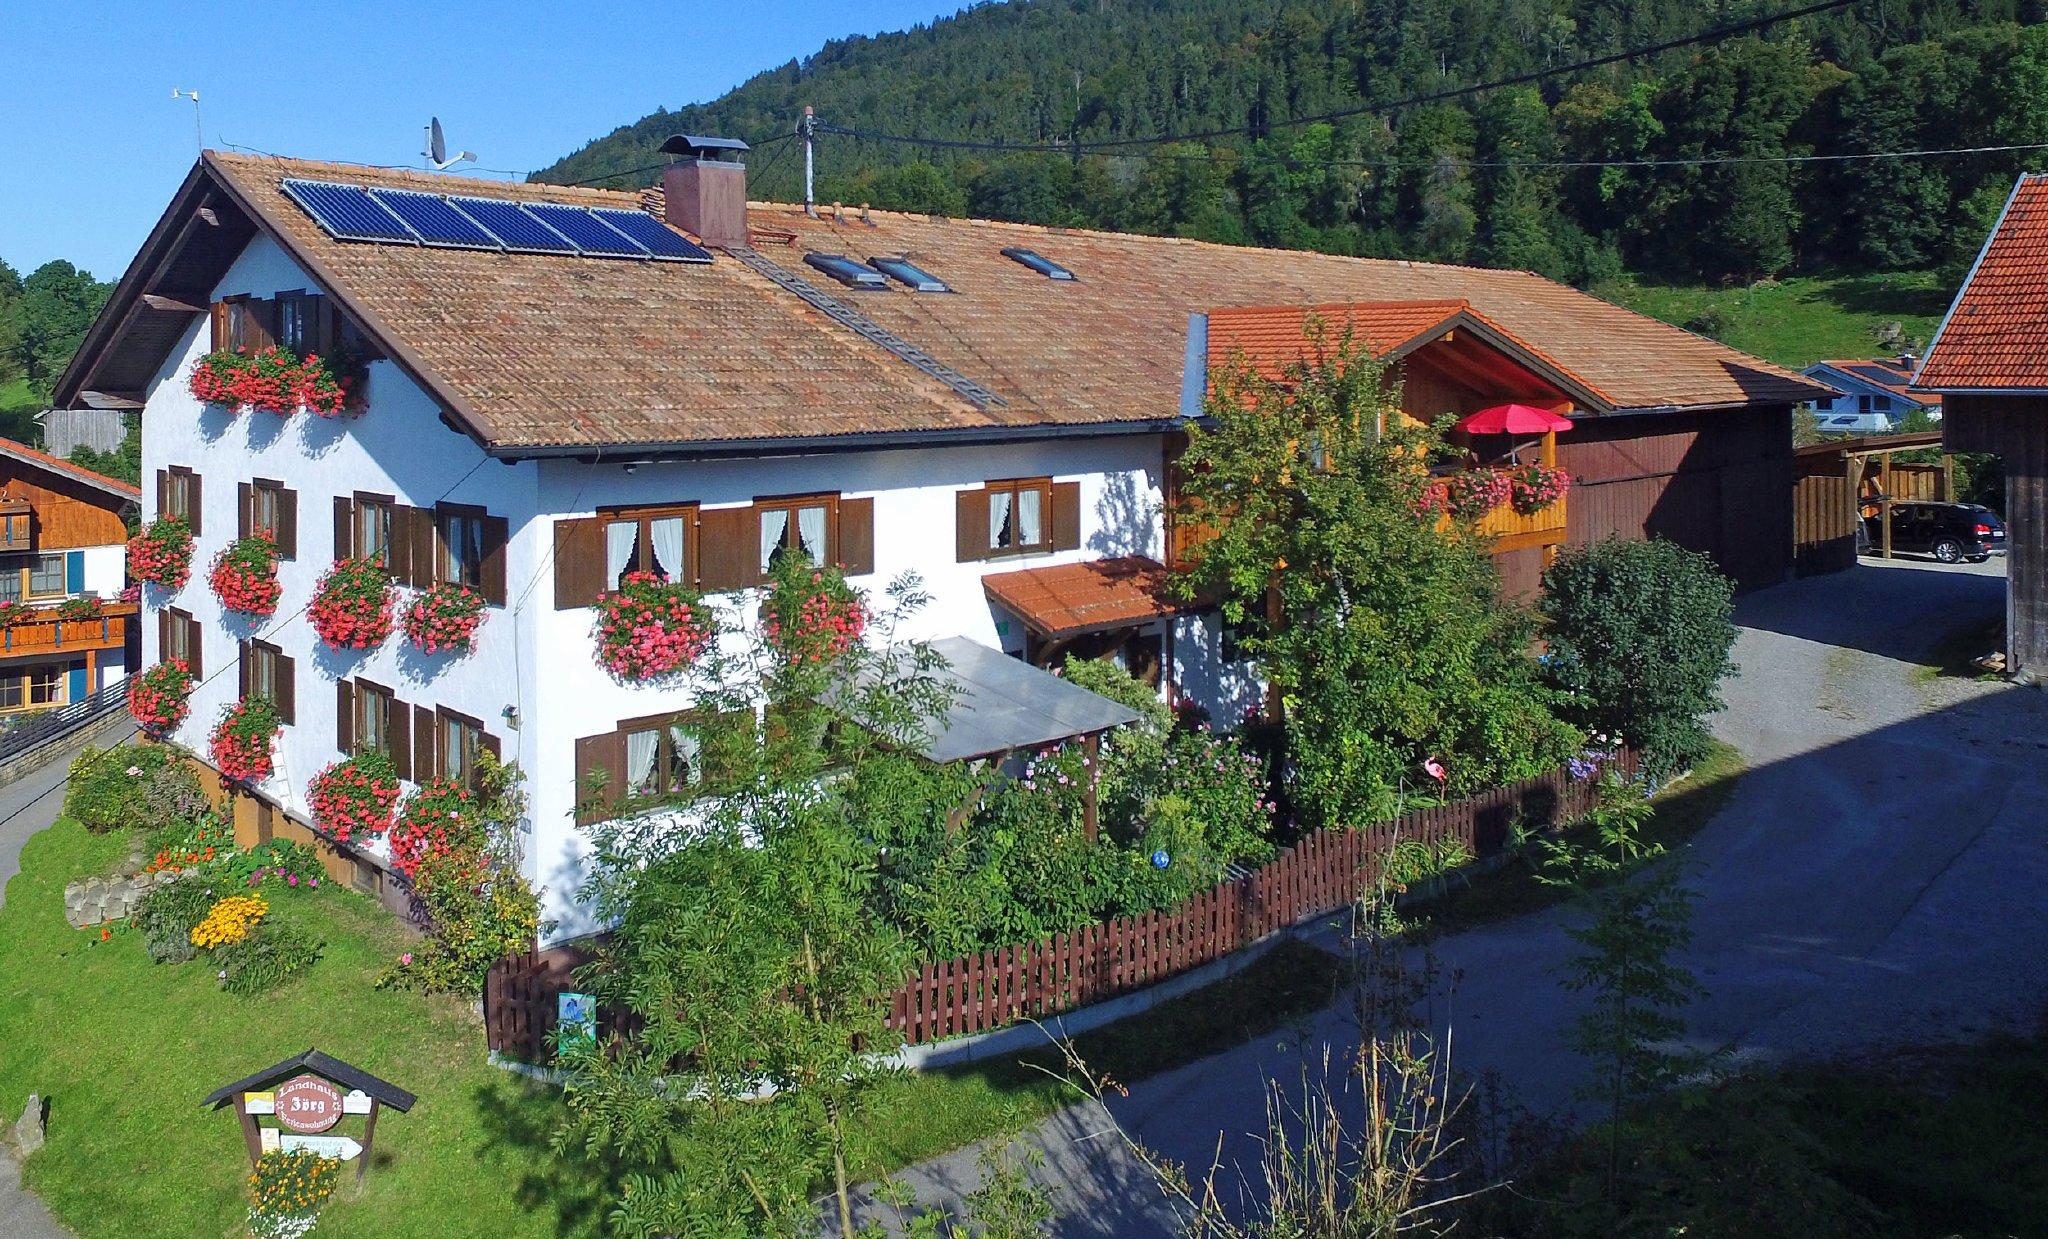 Ferienwohnung Landhaus Jörg im Allgäu